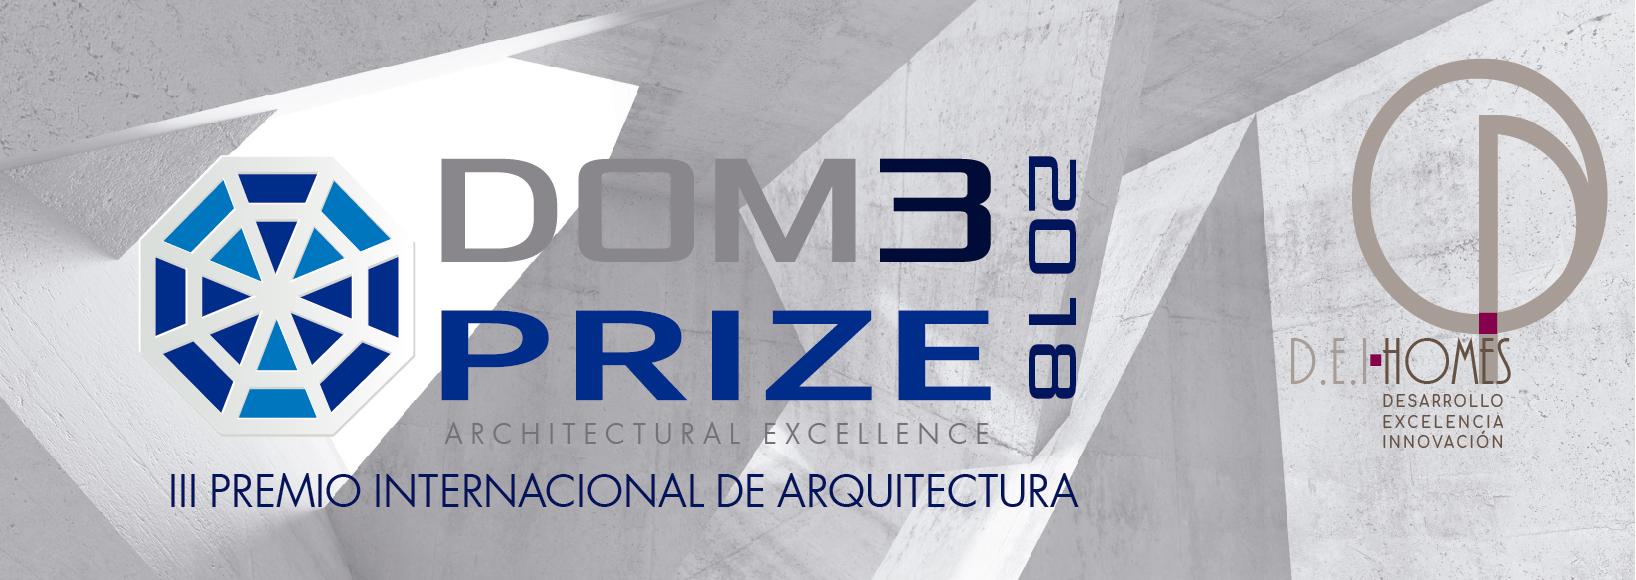 Imagen principal del Premio de arquitectura DOM3 2018